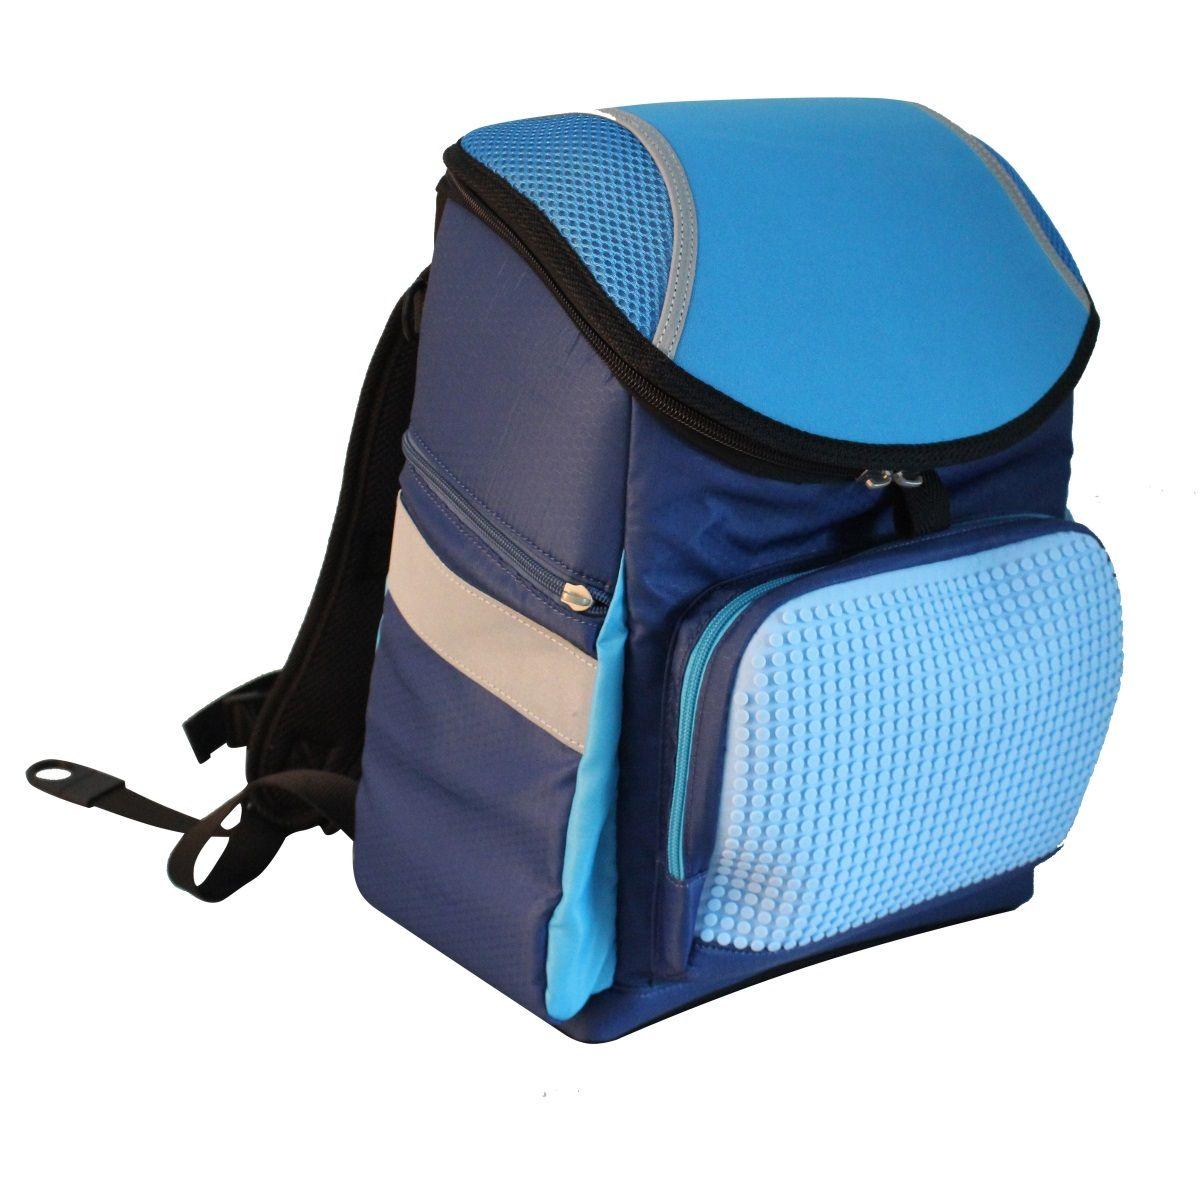 UPixel Super class school bag - Black